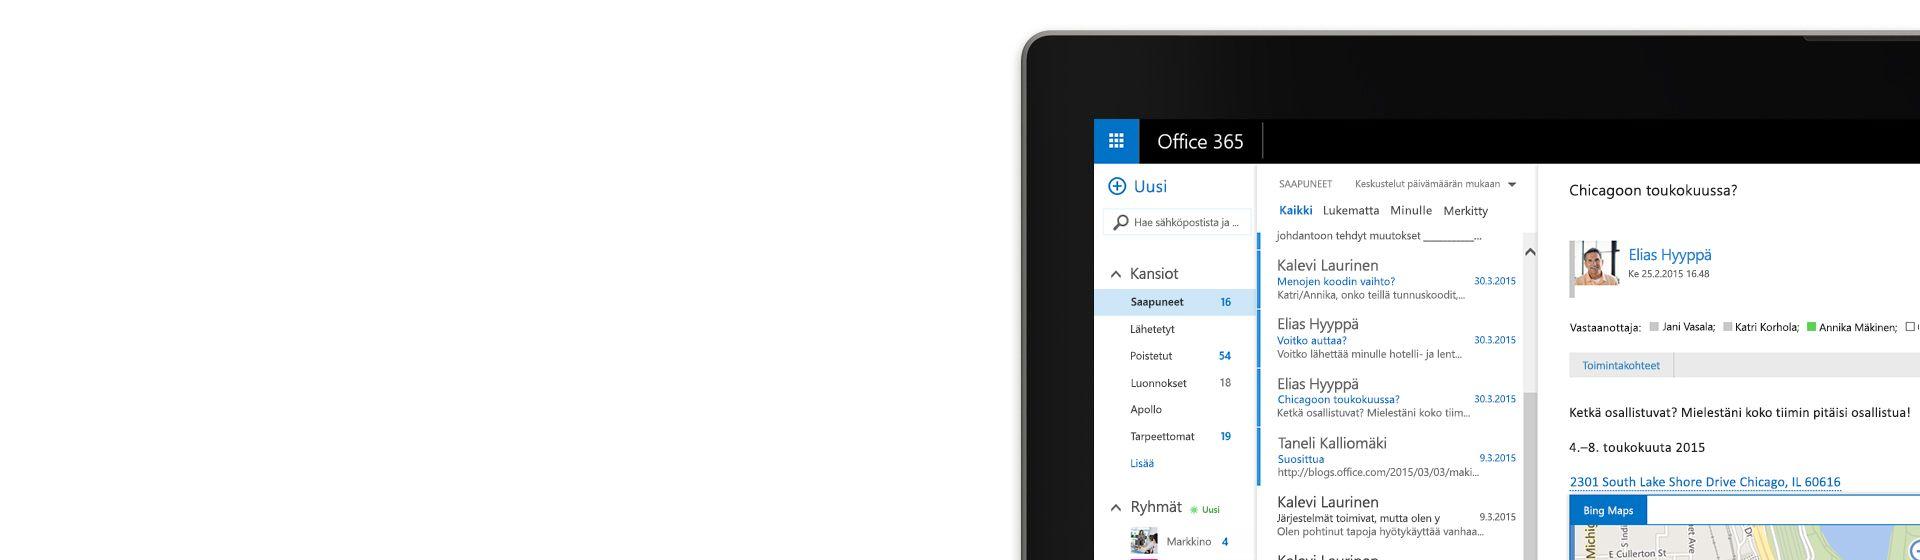 Tietokonenäytön kulma, jossa näkyy sähköpostilaatikko Office 365:ssä